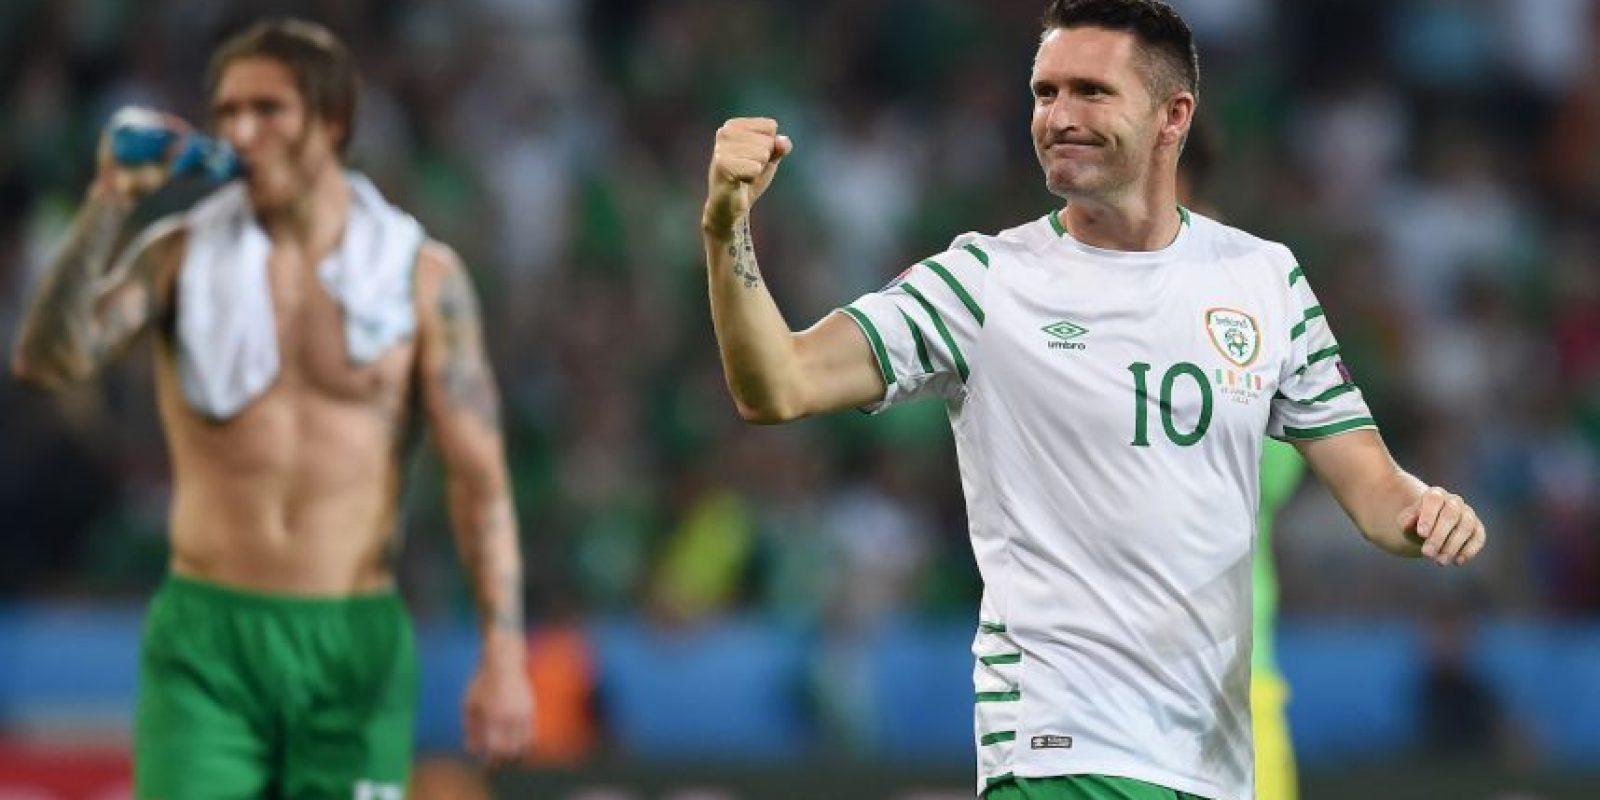 También debemos seguir a Robbie Keane, que se retira de la Selección de Irlanda, después de 145 partidos Foto:Getty Images